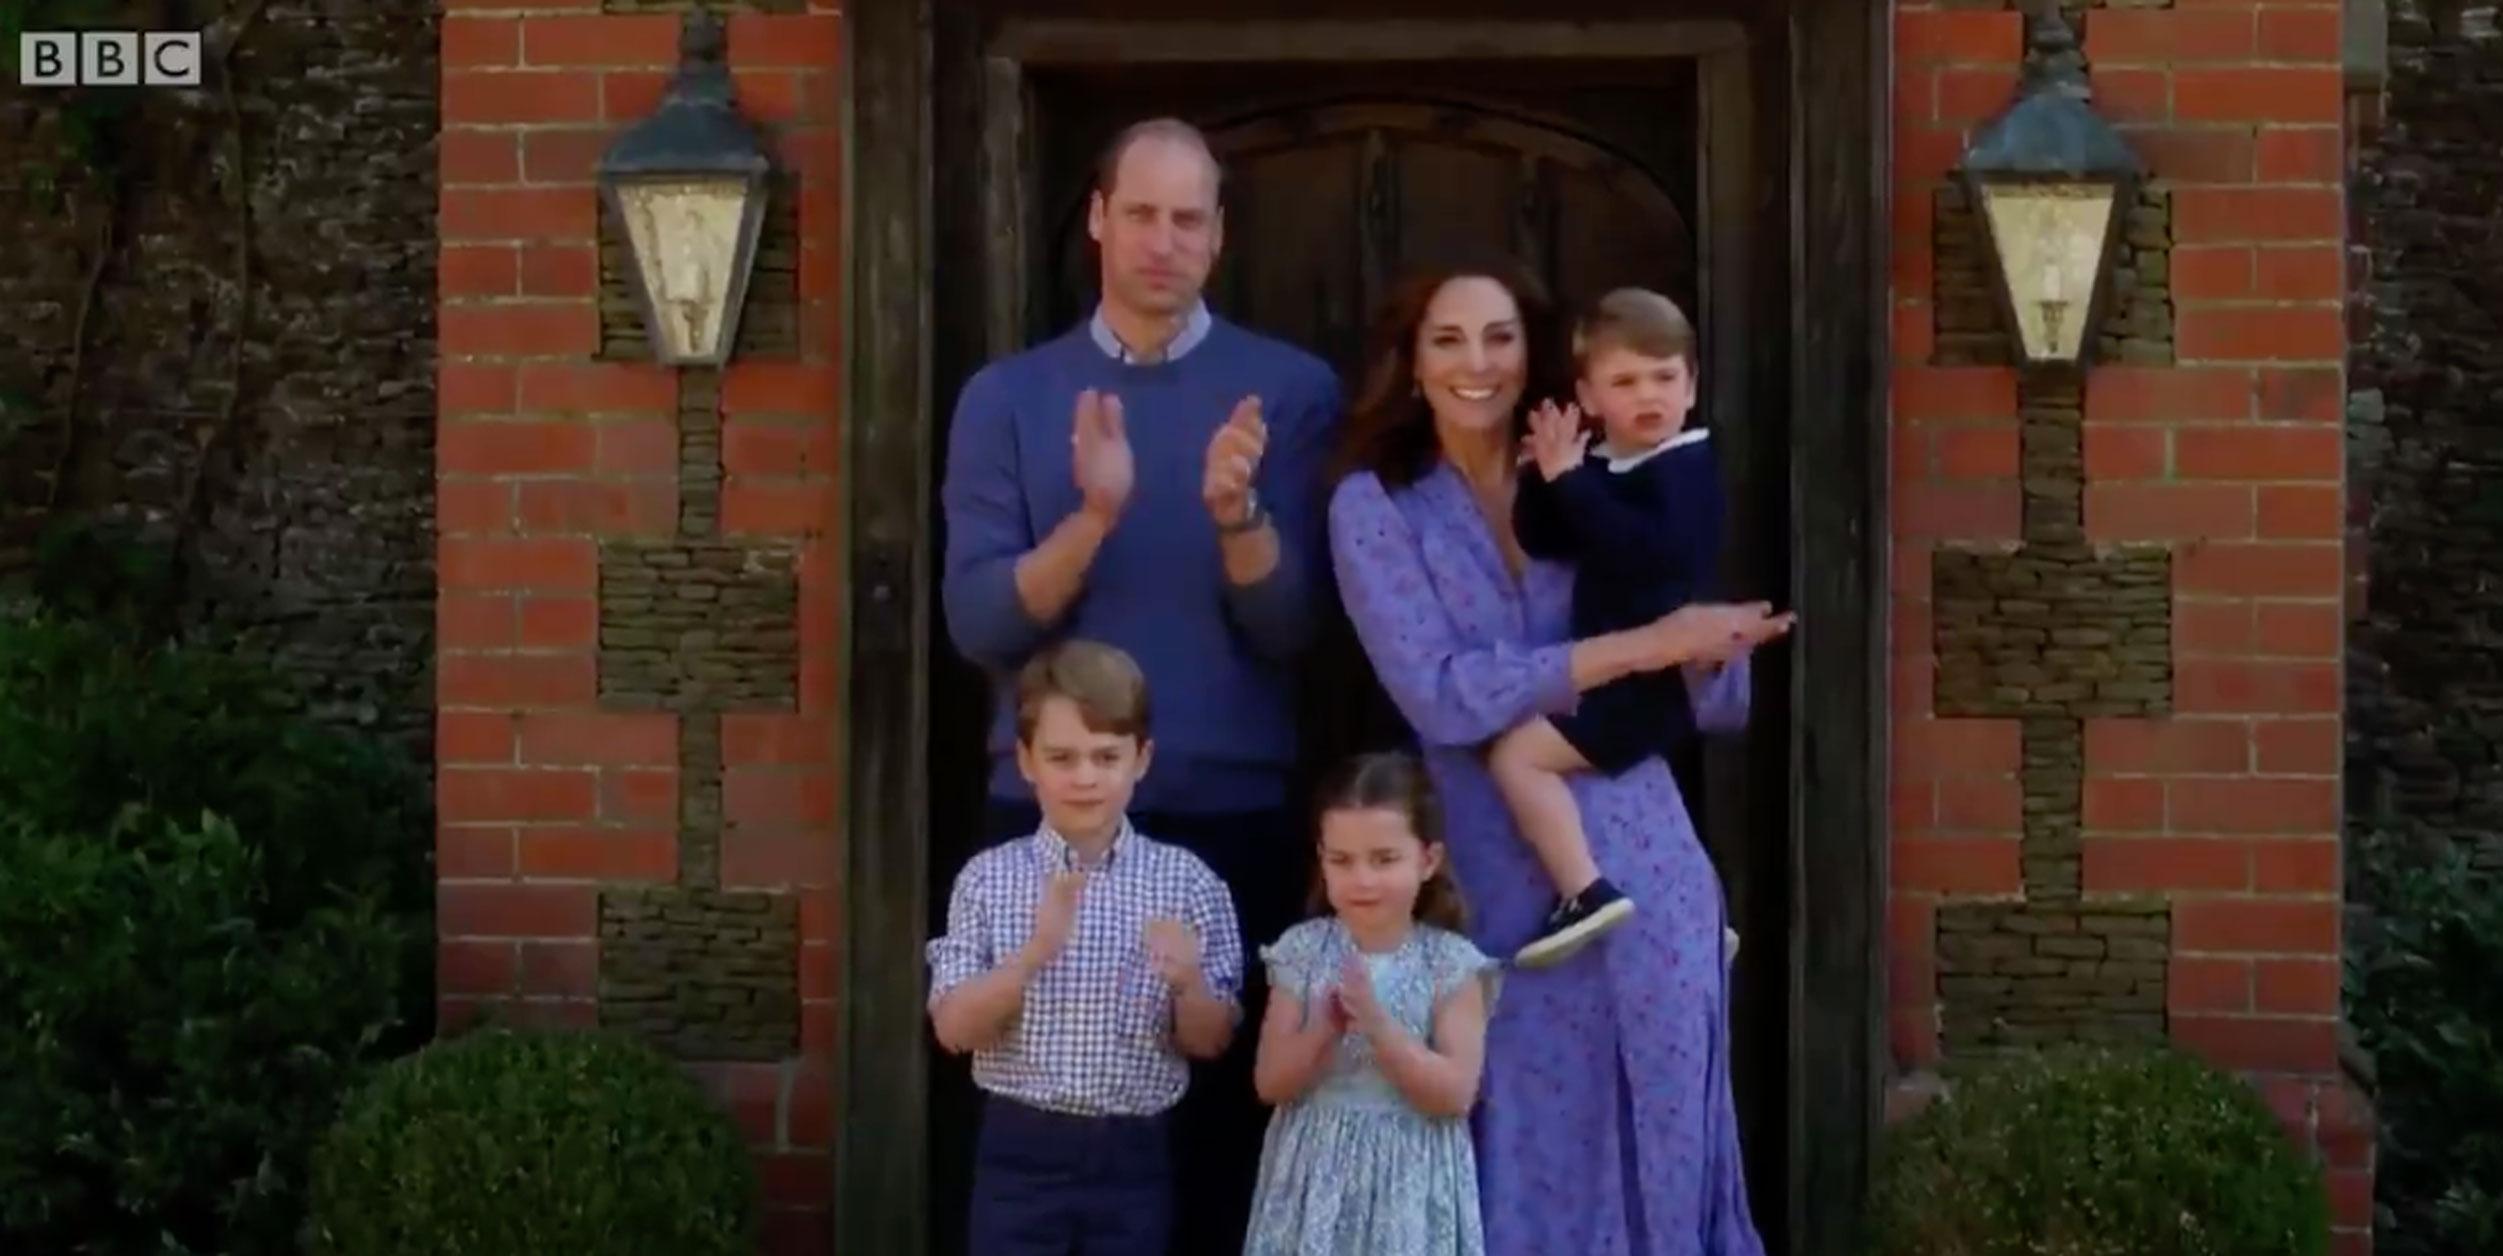 Πρίγκιπας Γουίλιαμ, Κέιτ και… παιδιά χειροκροτούν για τους ήρωες της Υγείας (video)